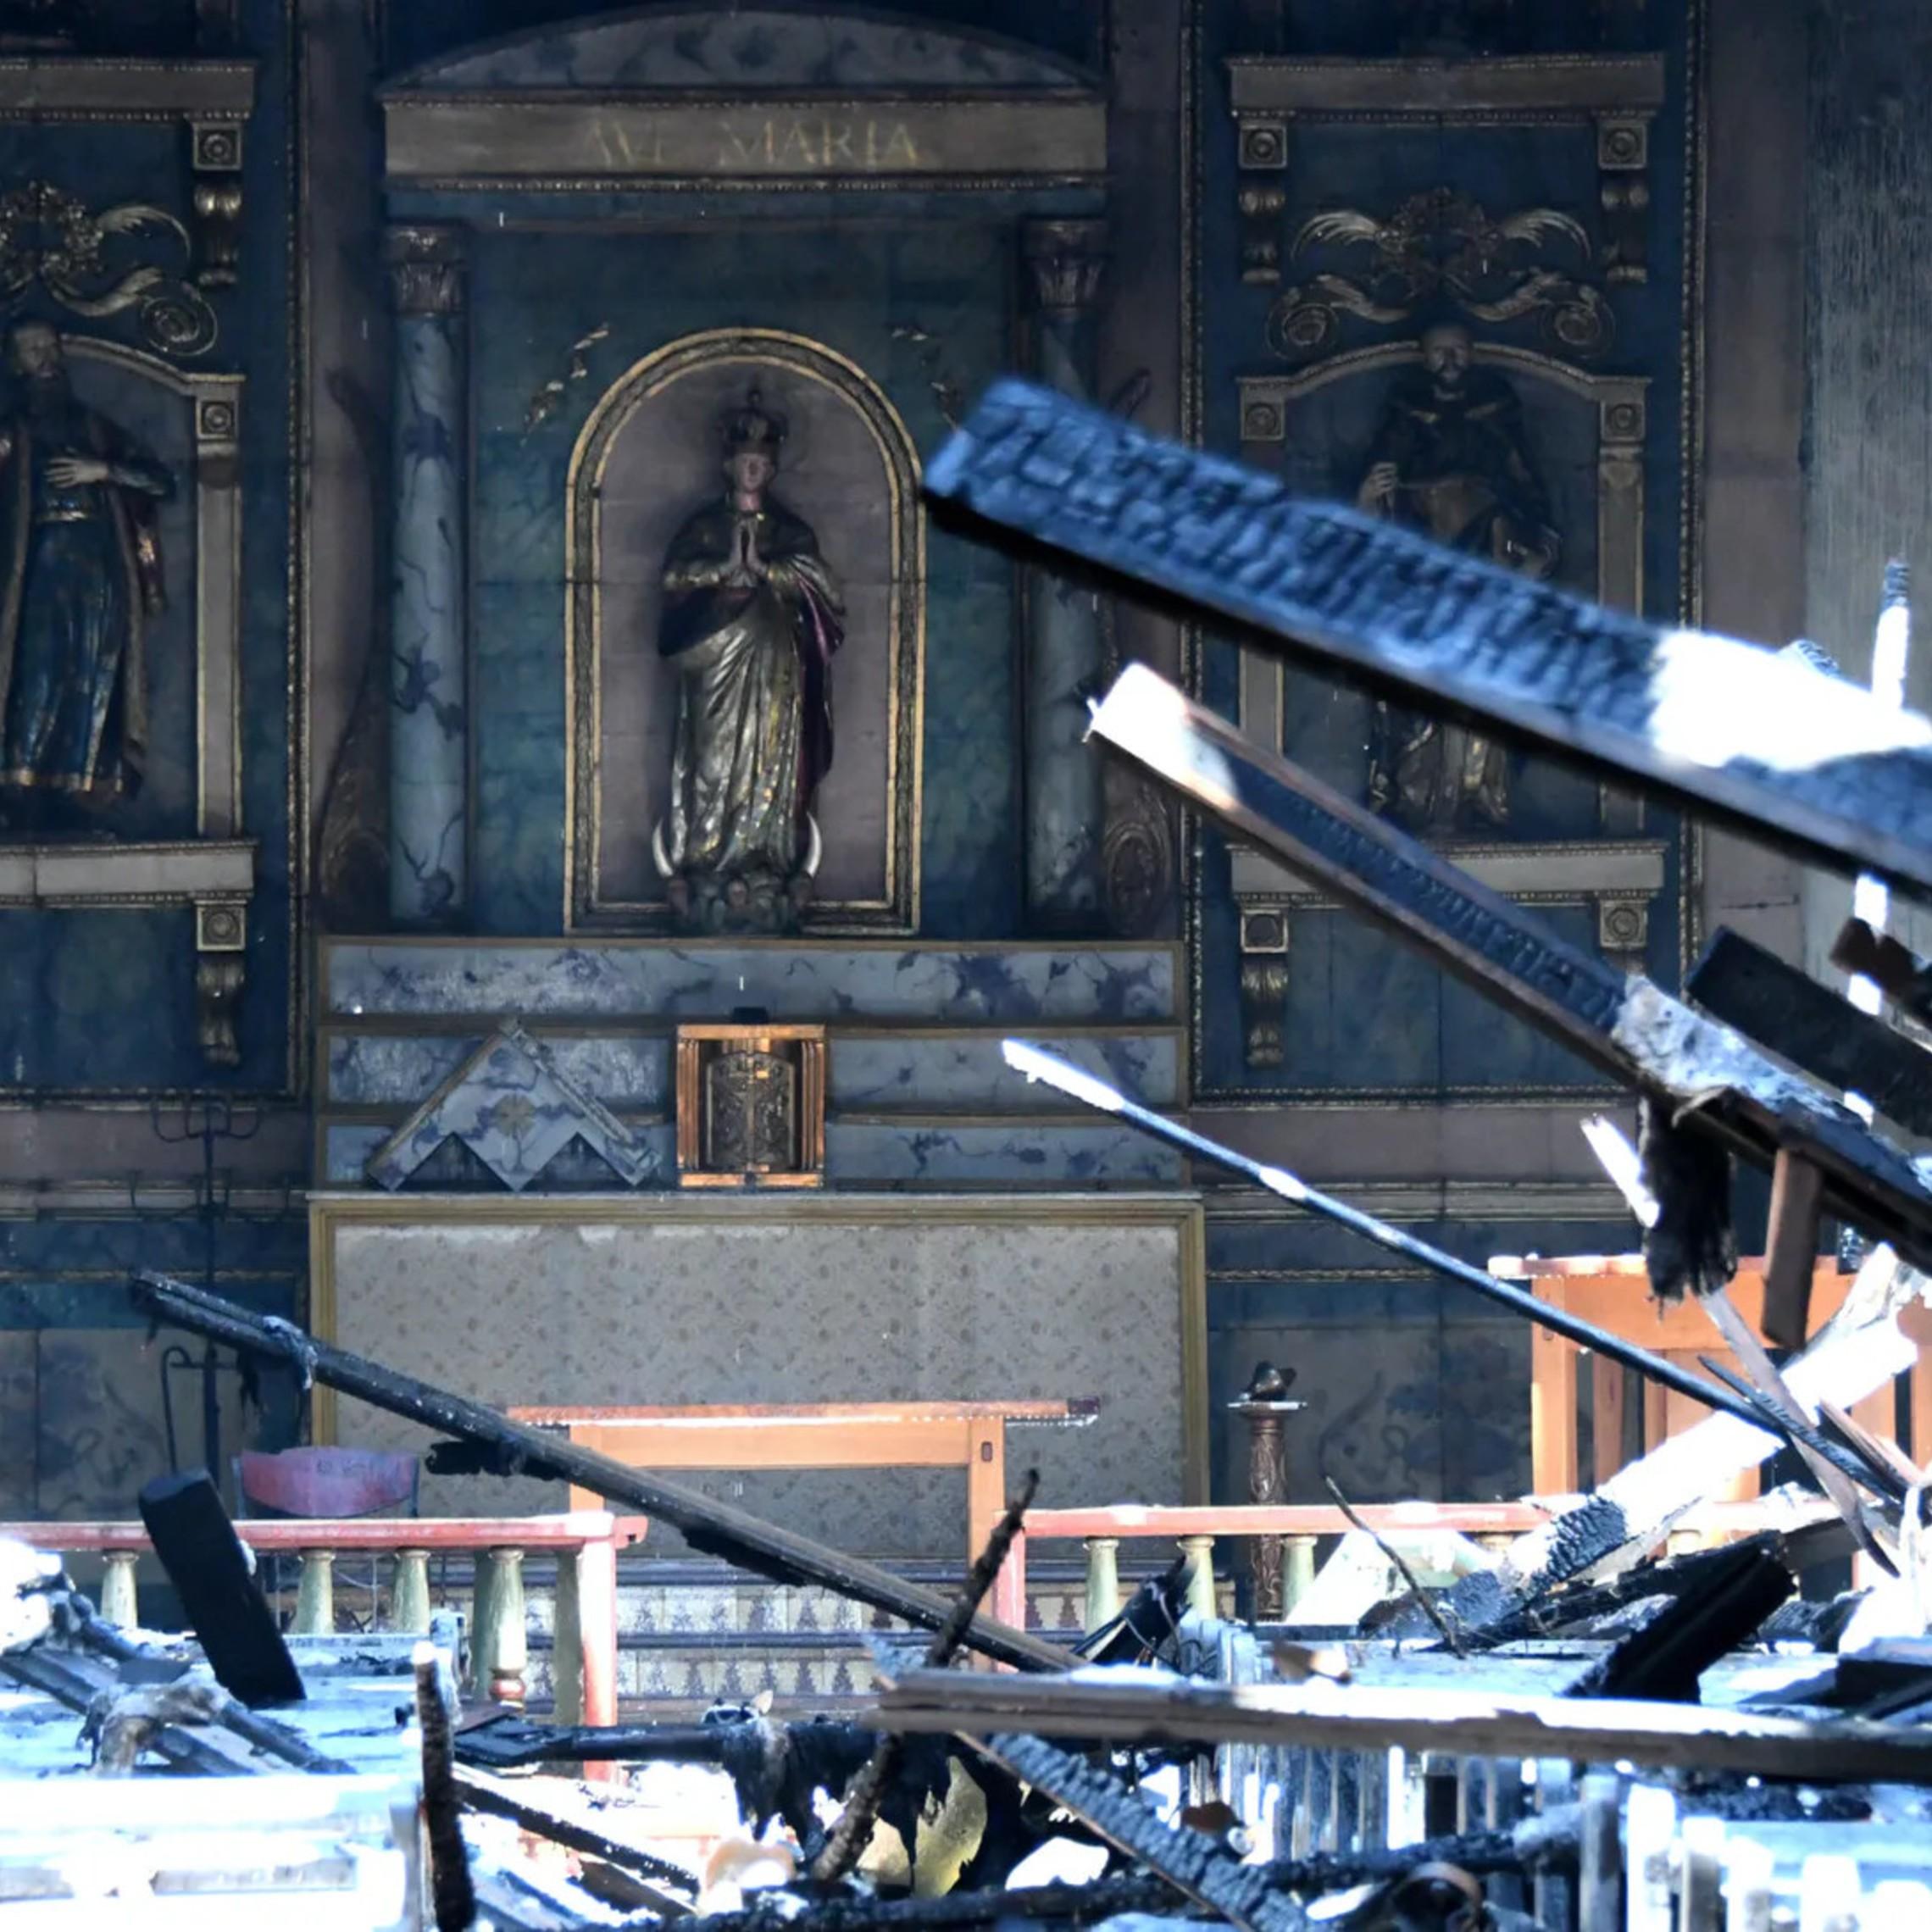 Vandalized Catholic Church